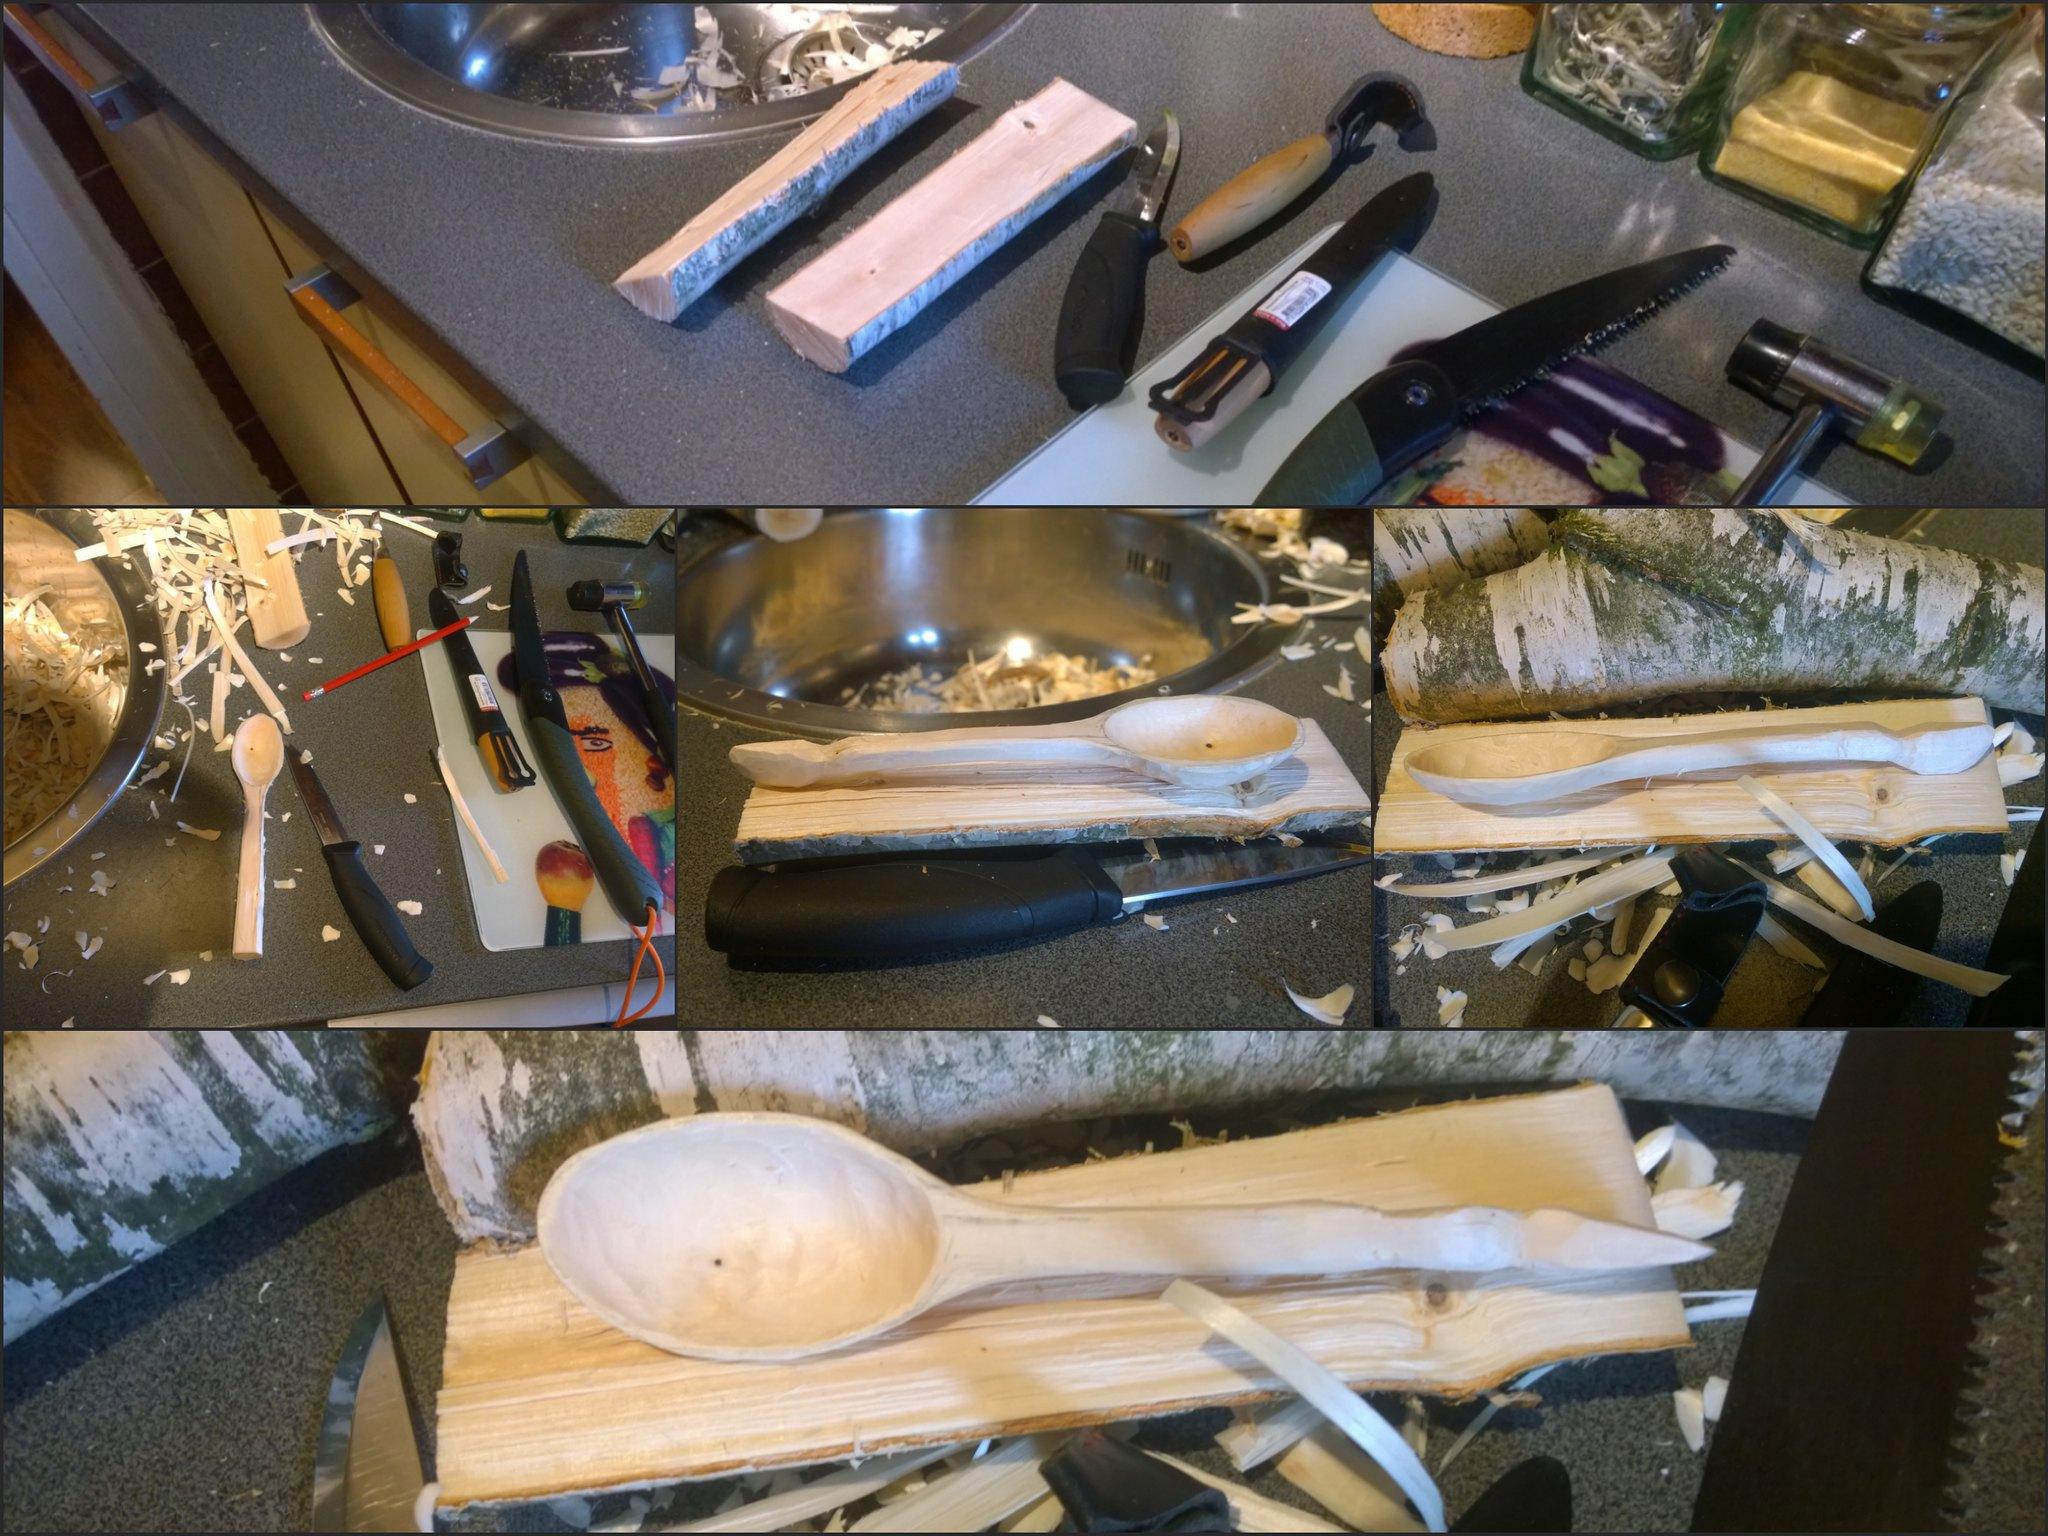 El spatula i žlica - Page 2 32242963964_644646ba3c_k